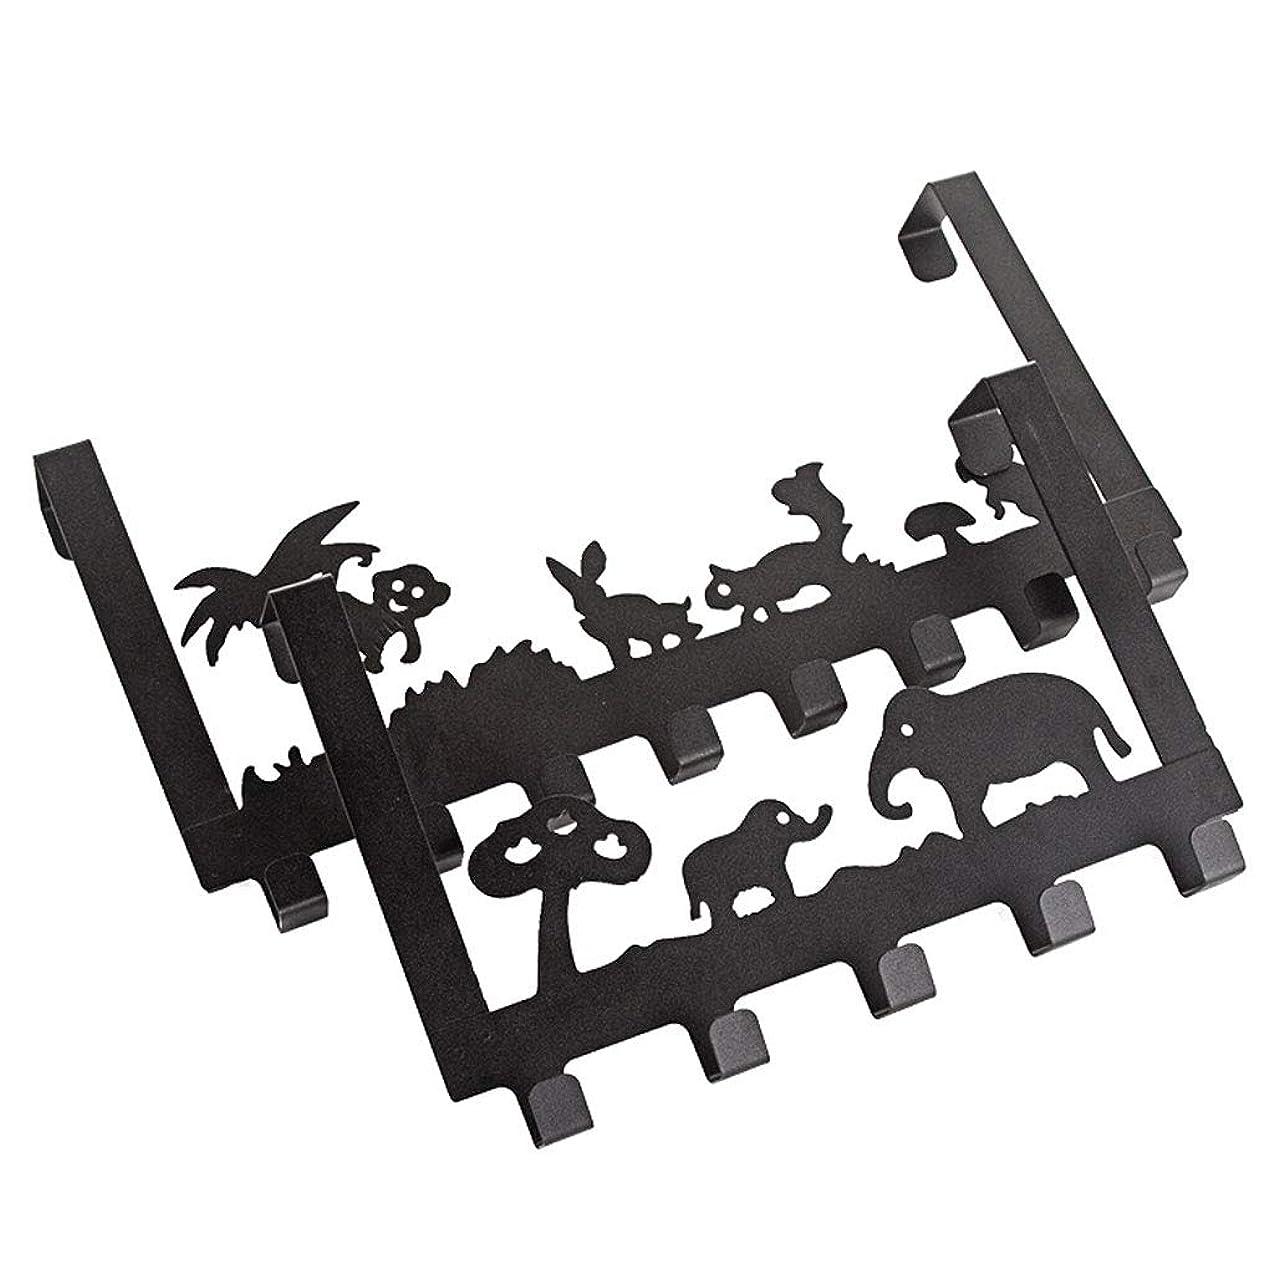 人間トレーニング複合ZXW コートラック- 現代ミニマルクリエイティブ鍛造アイアンドアフック、ホームシームレス漫画ハンガーコートフック (色 : ブラック, サイズ さいず : H20.5xL30cm)